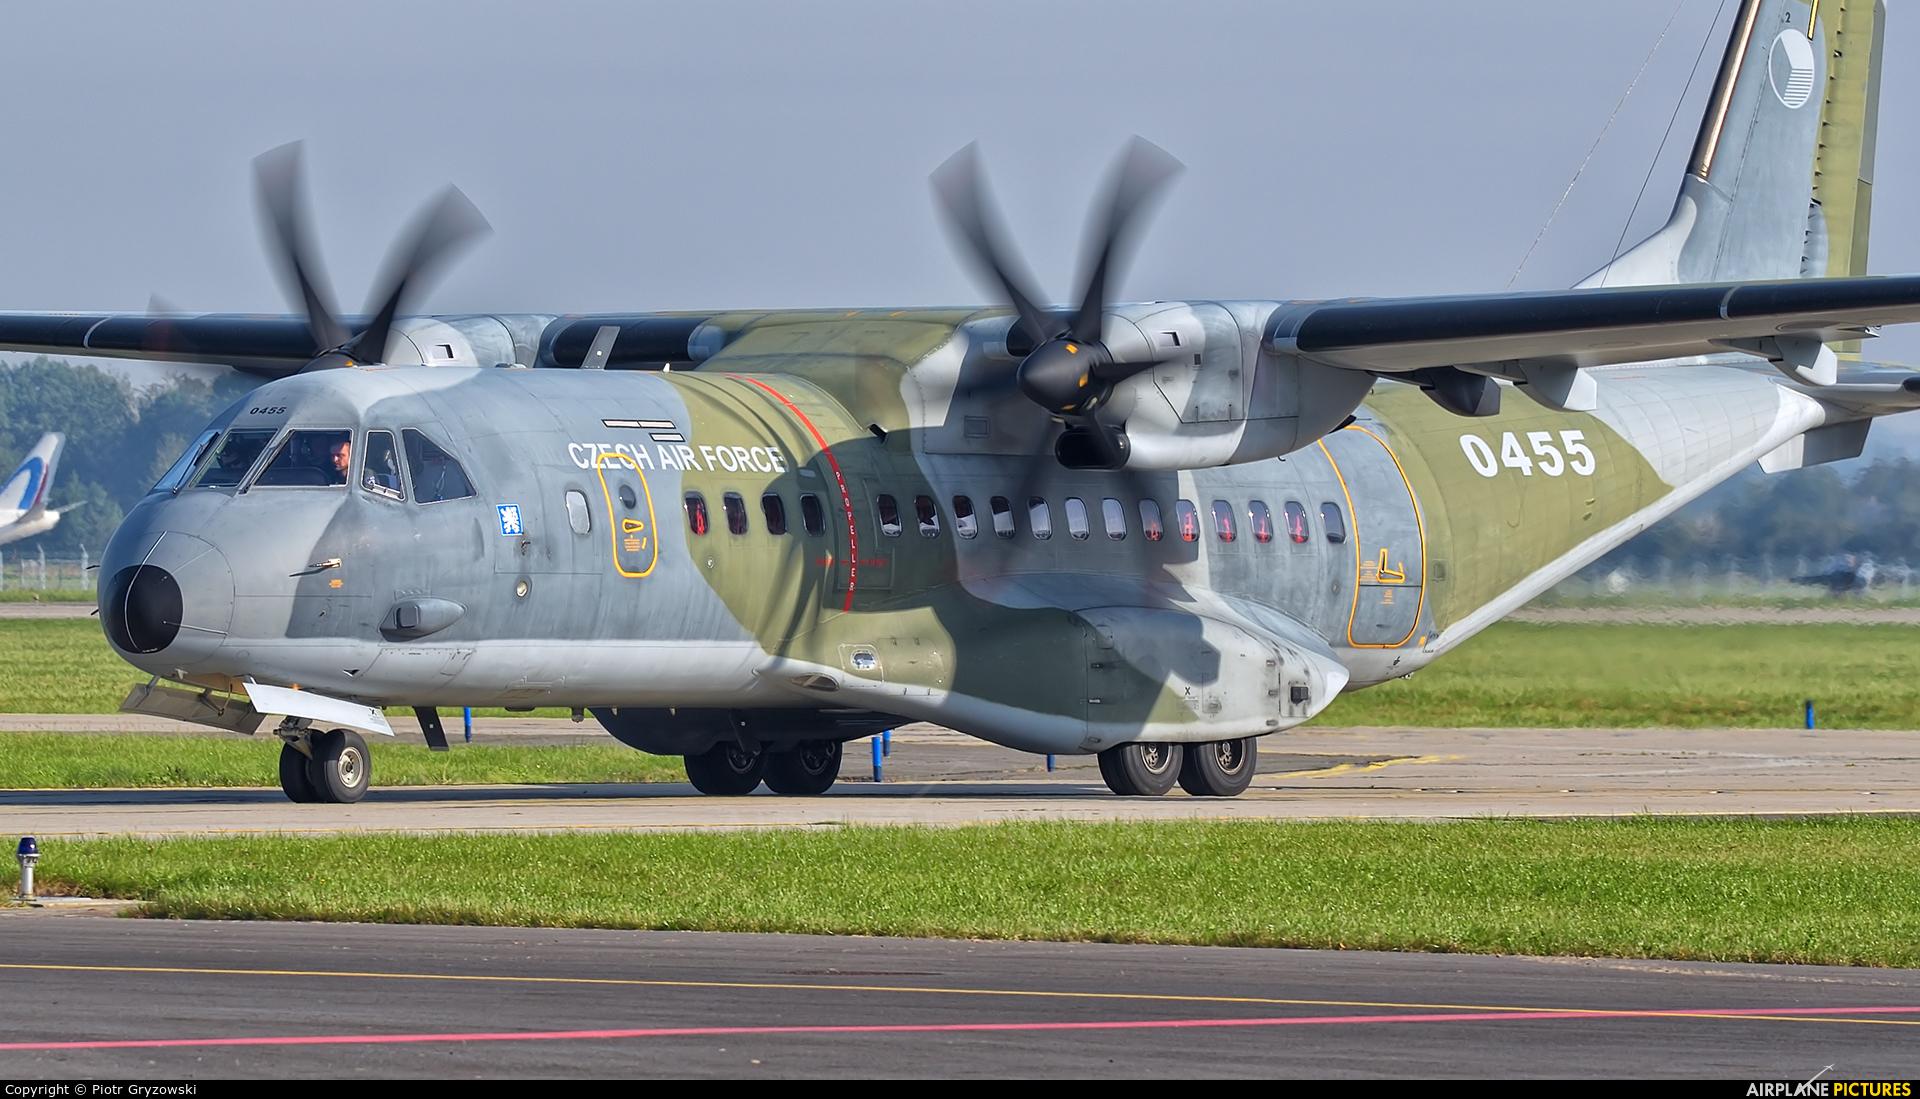 Czech - Air Force 0455 aircraft at Ostrava Mošnov